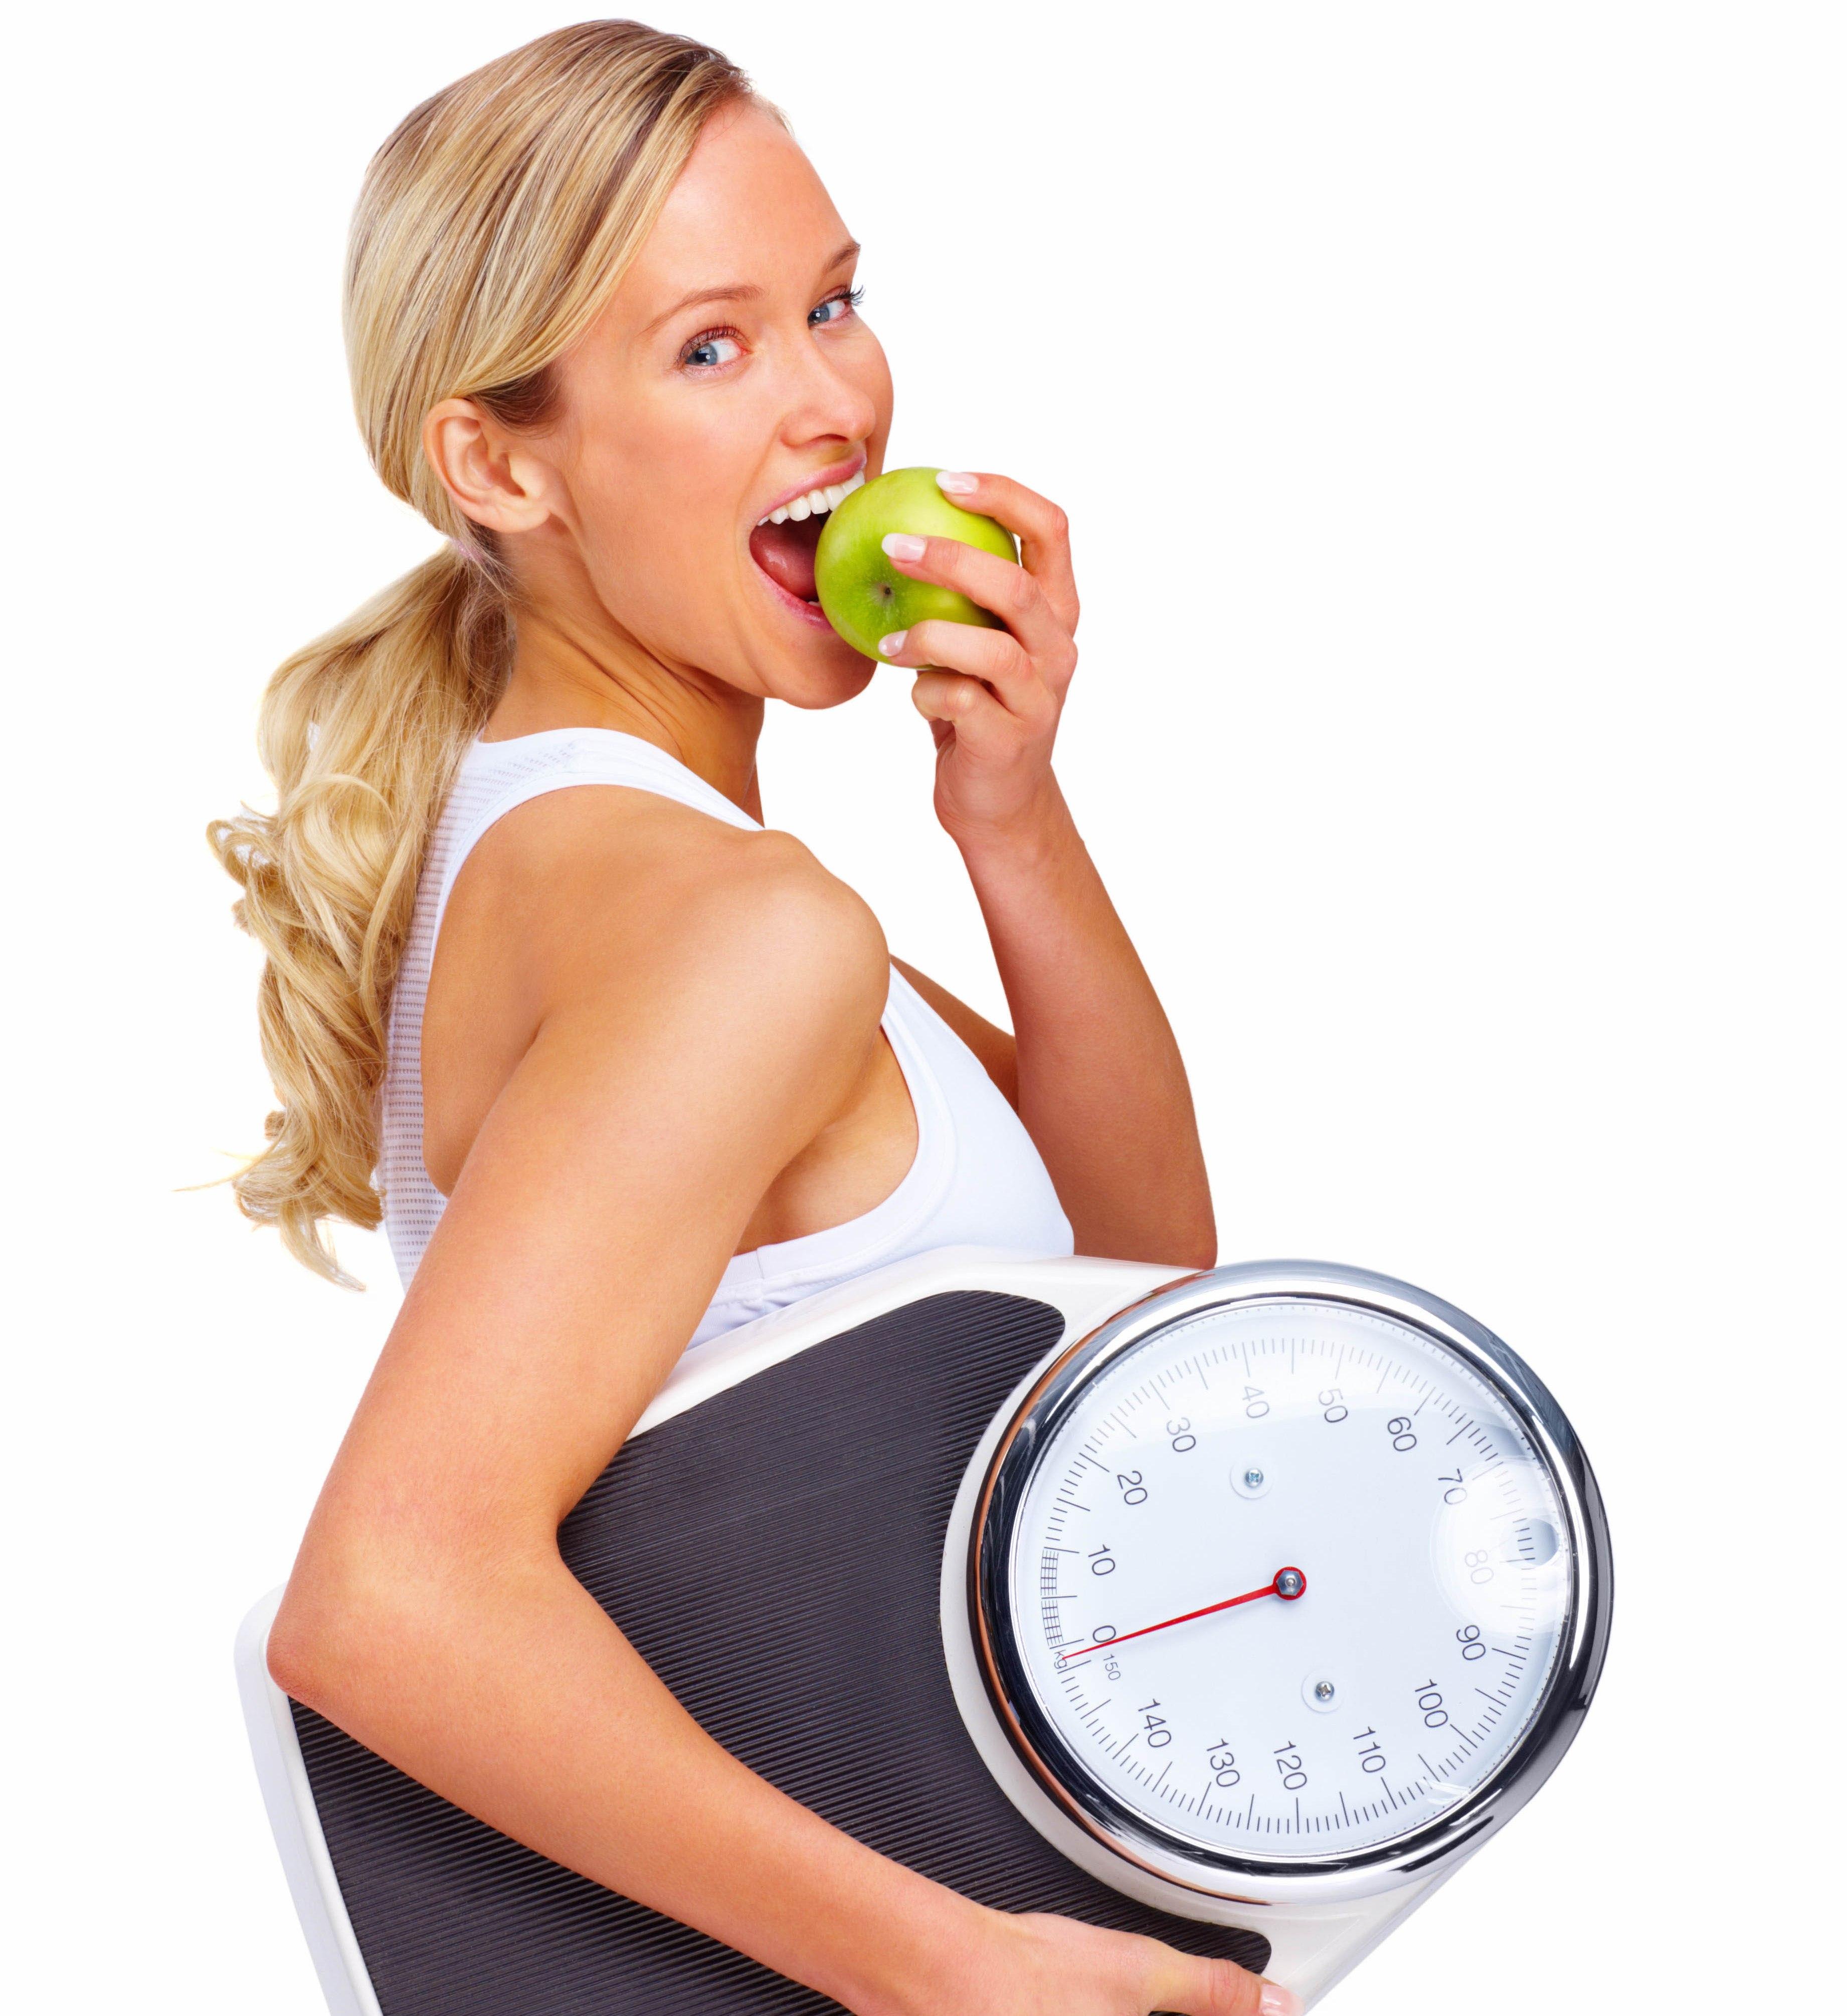 Диета 6 лепестков для похудения, меню на каждый день, отзывы и результаты